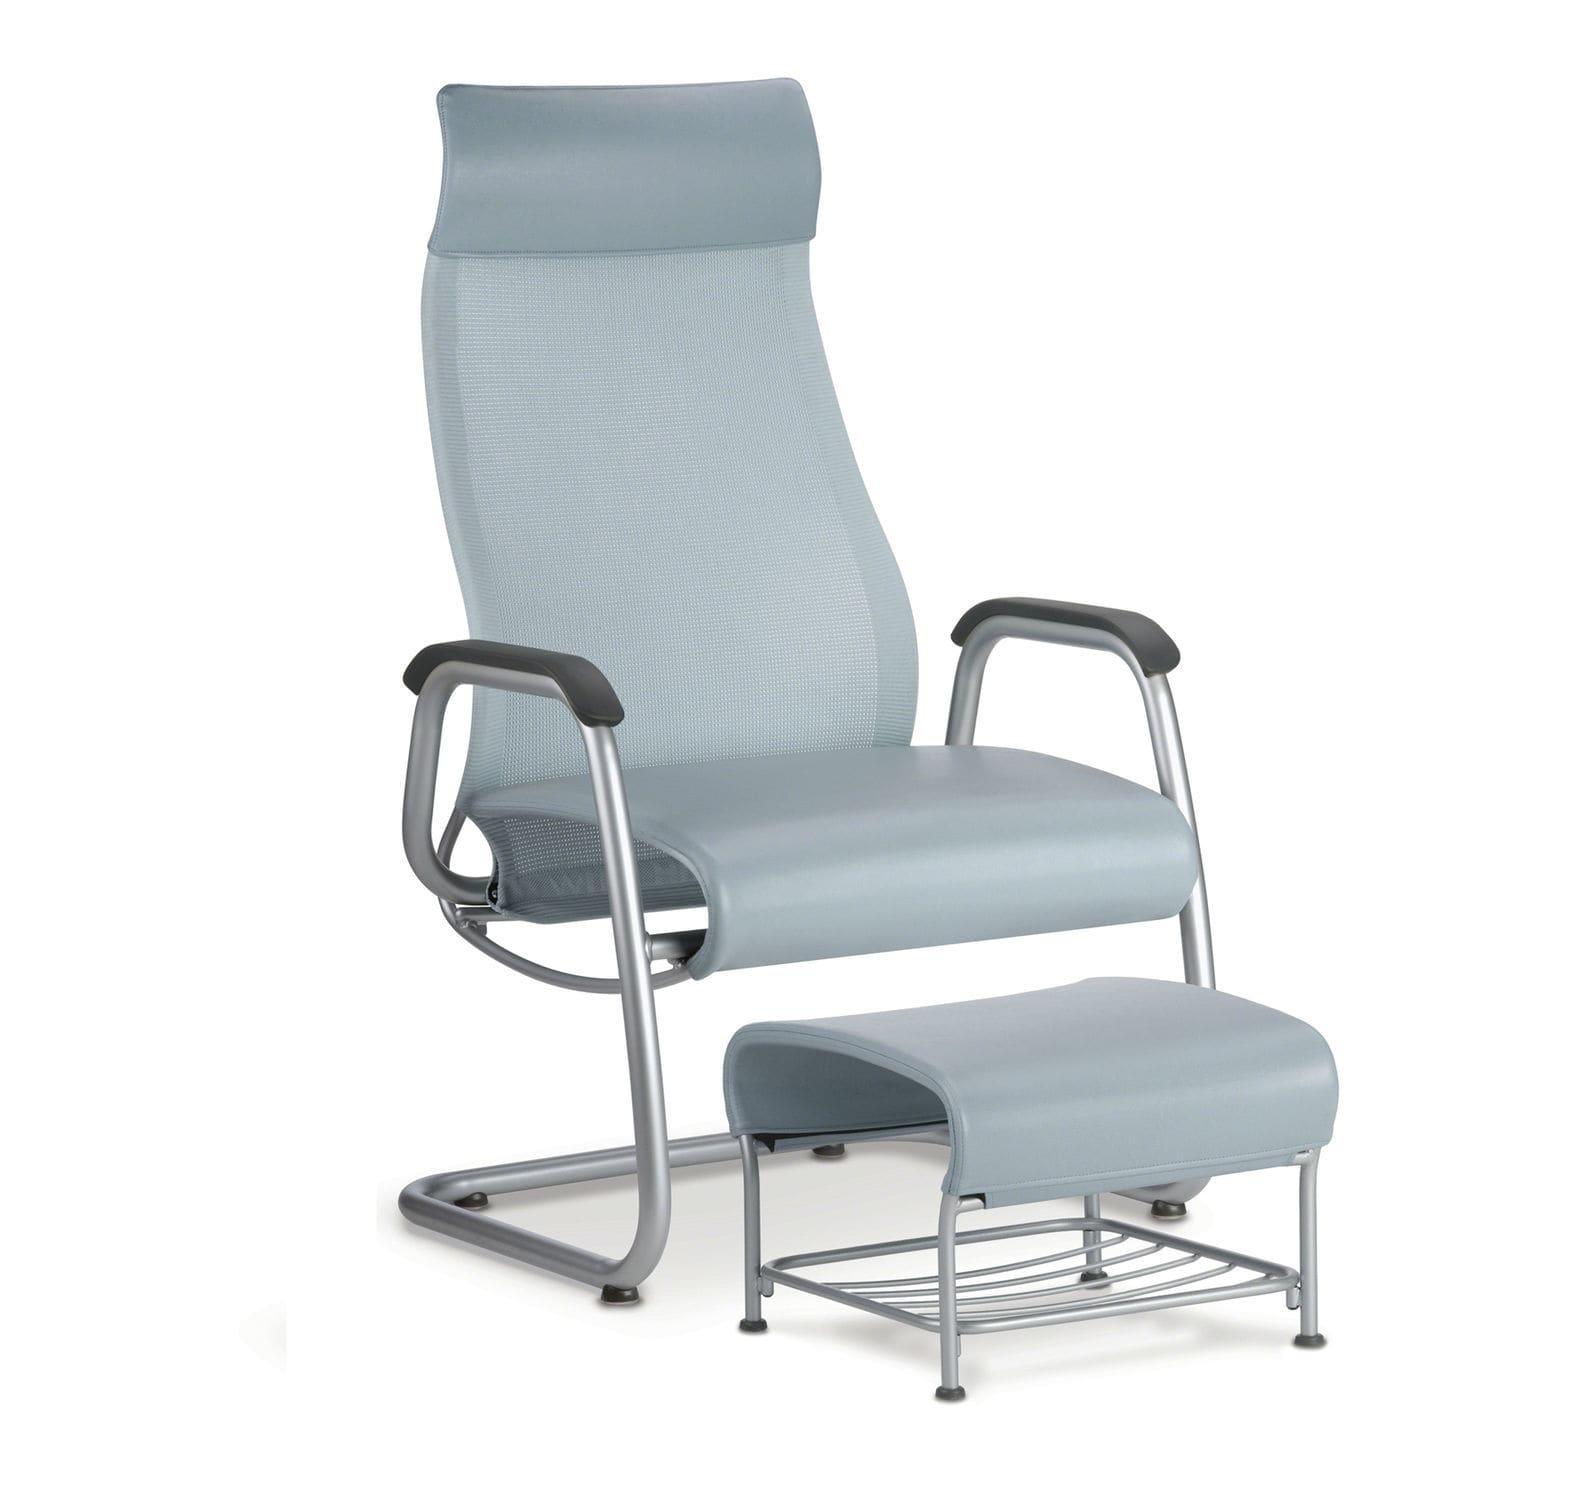 Sessel für Wartezimmer - Cura - Nurture - Steelcase